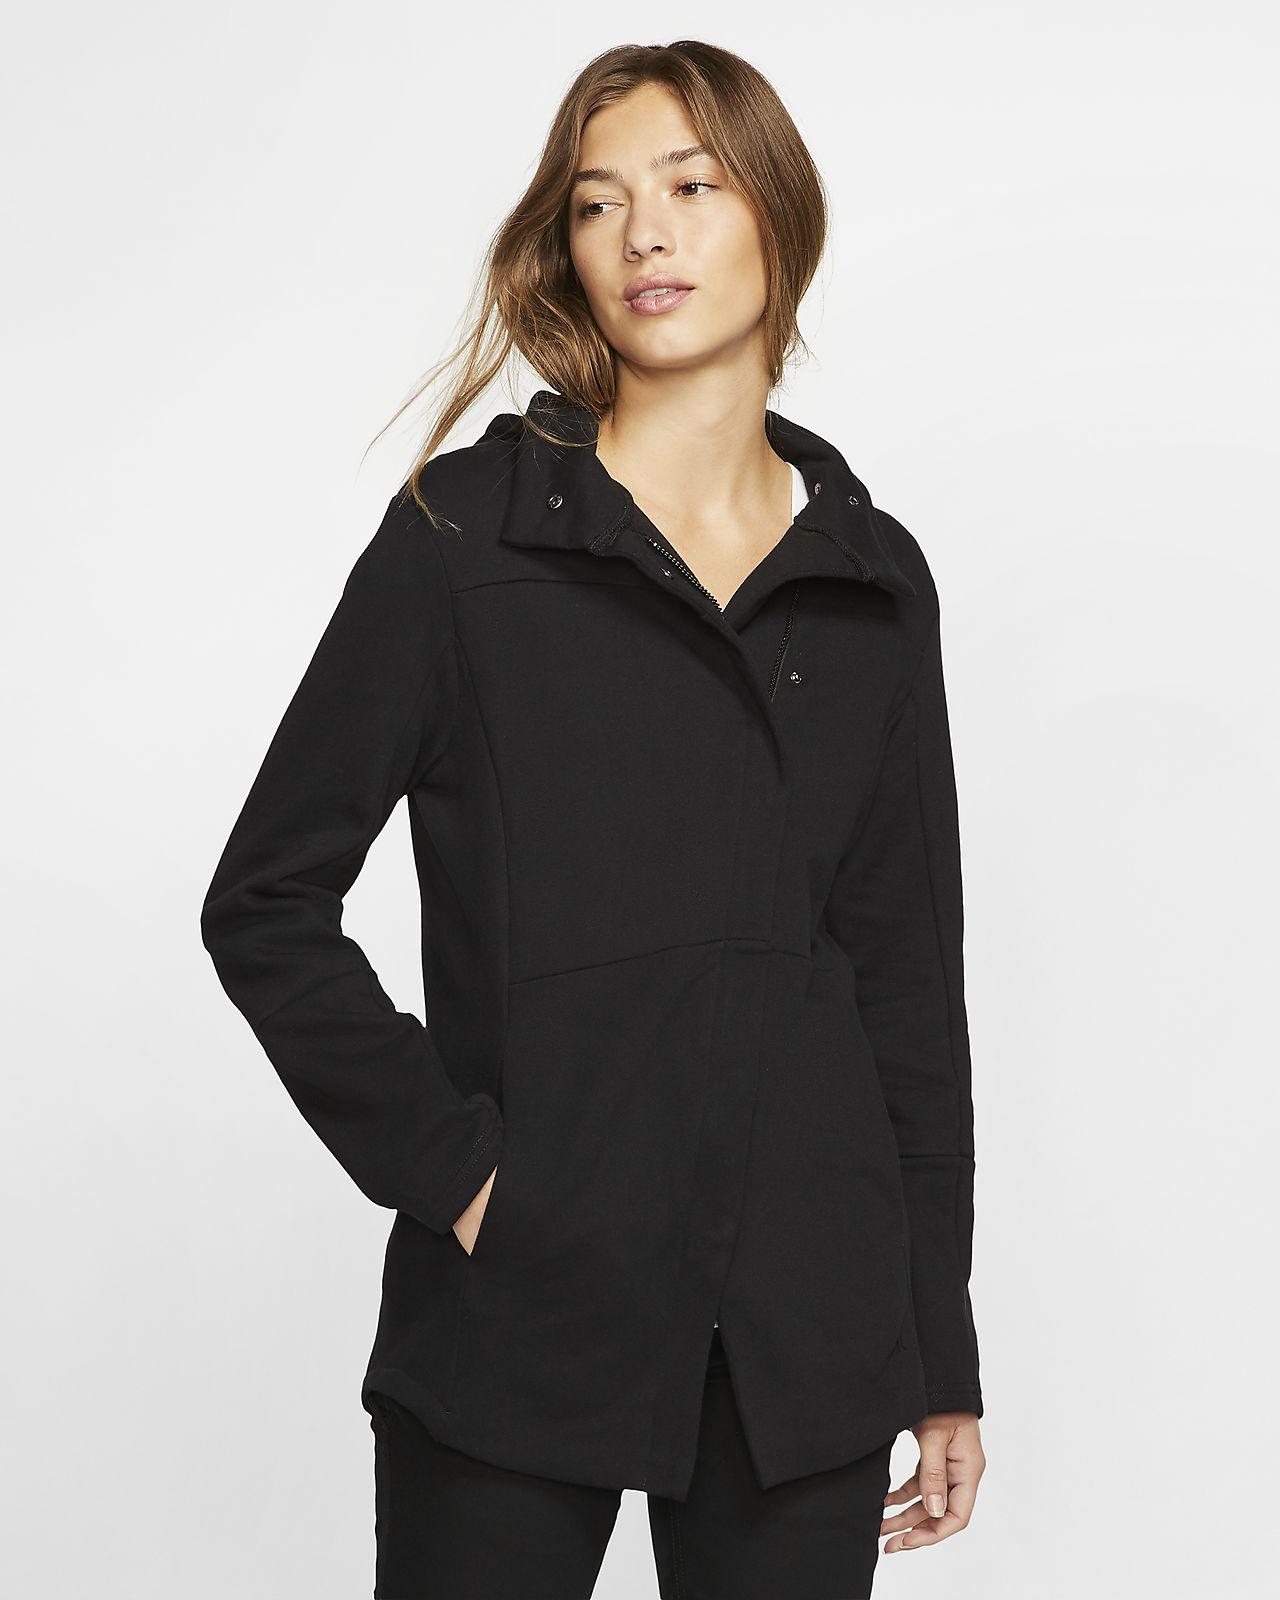 Prenda superior de tejido Fleece con cierre completo para mujer Hurley Winchester